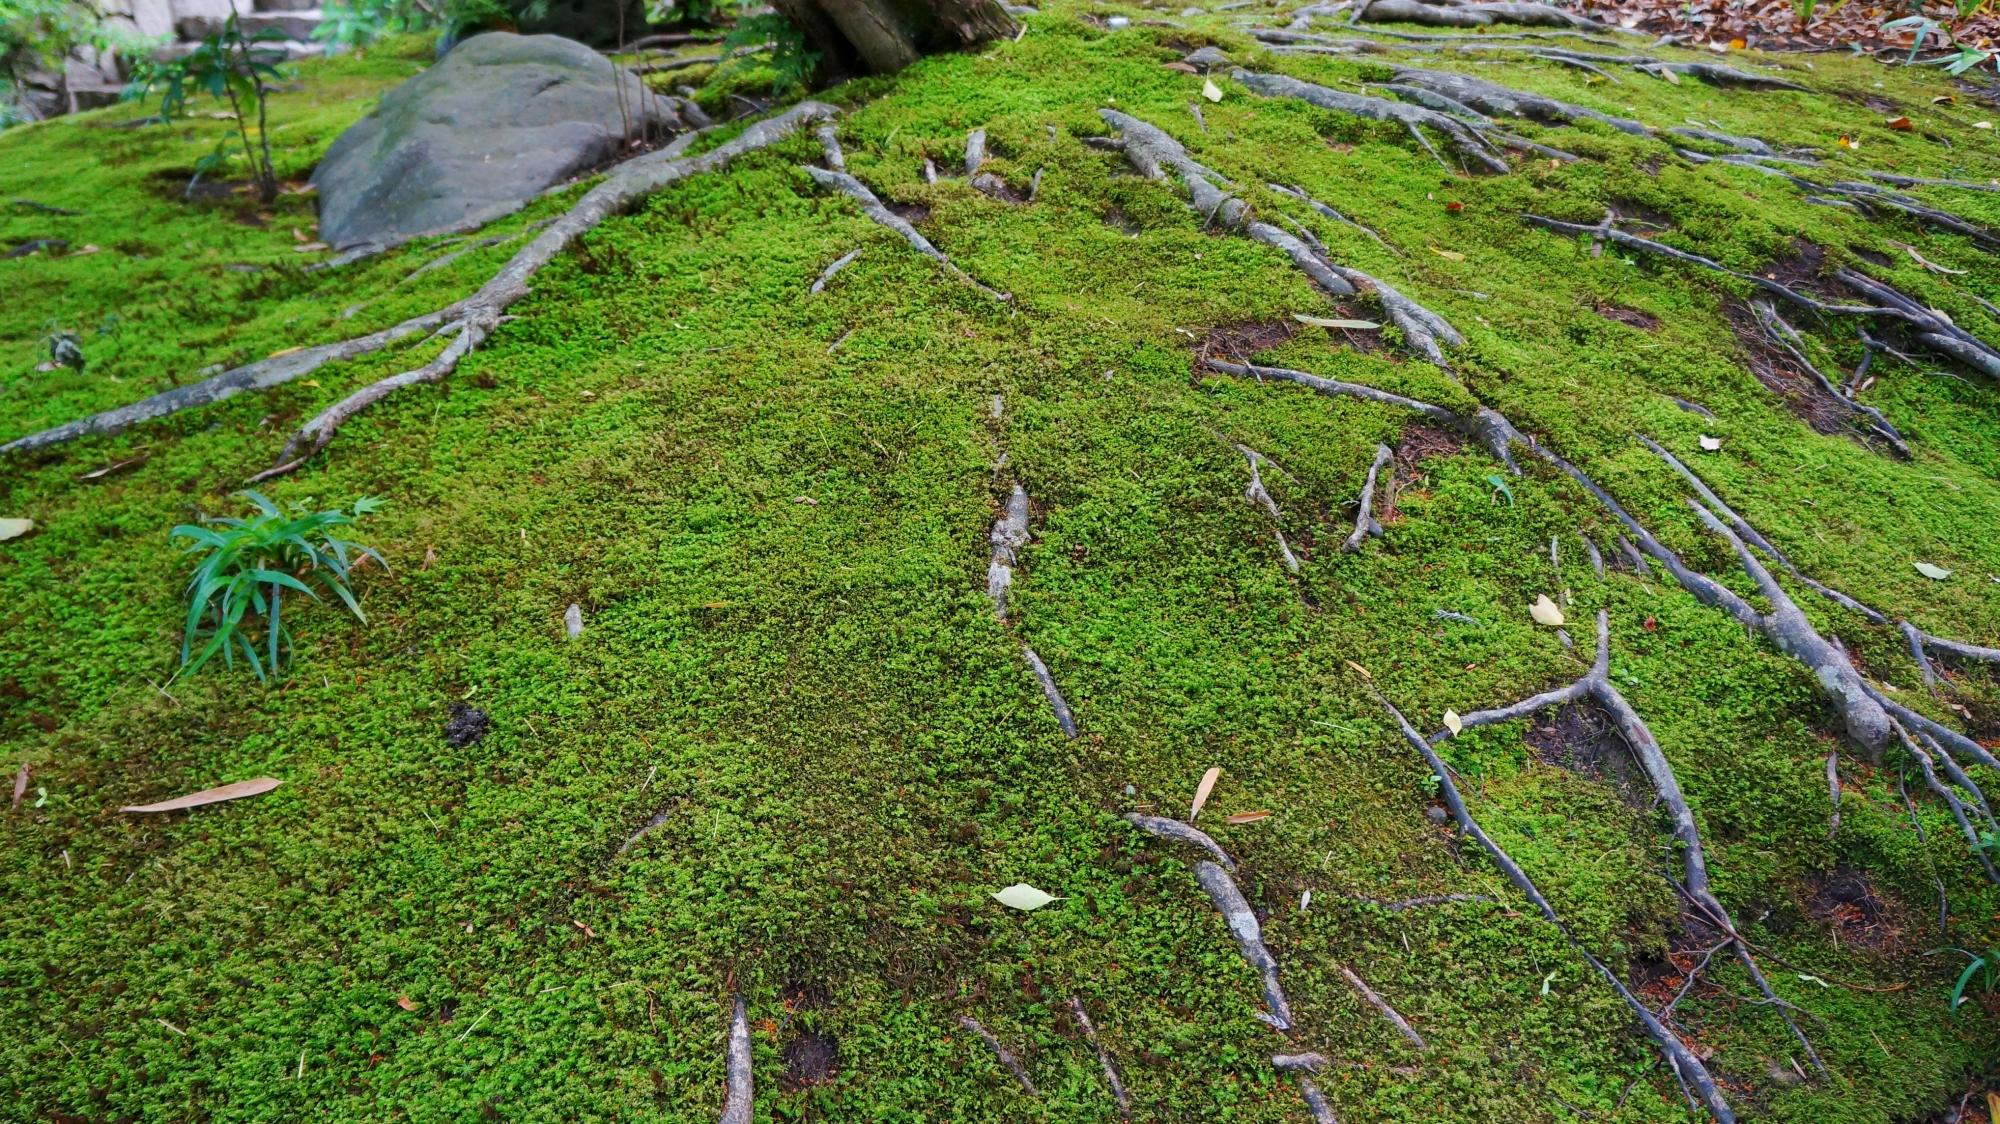 自然のままに木の根がはる鮮やかな緑の苔も綺麗